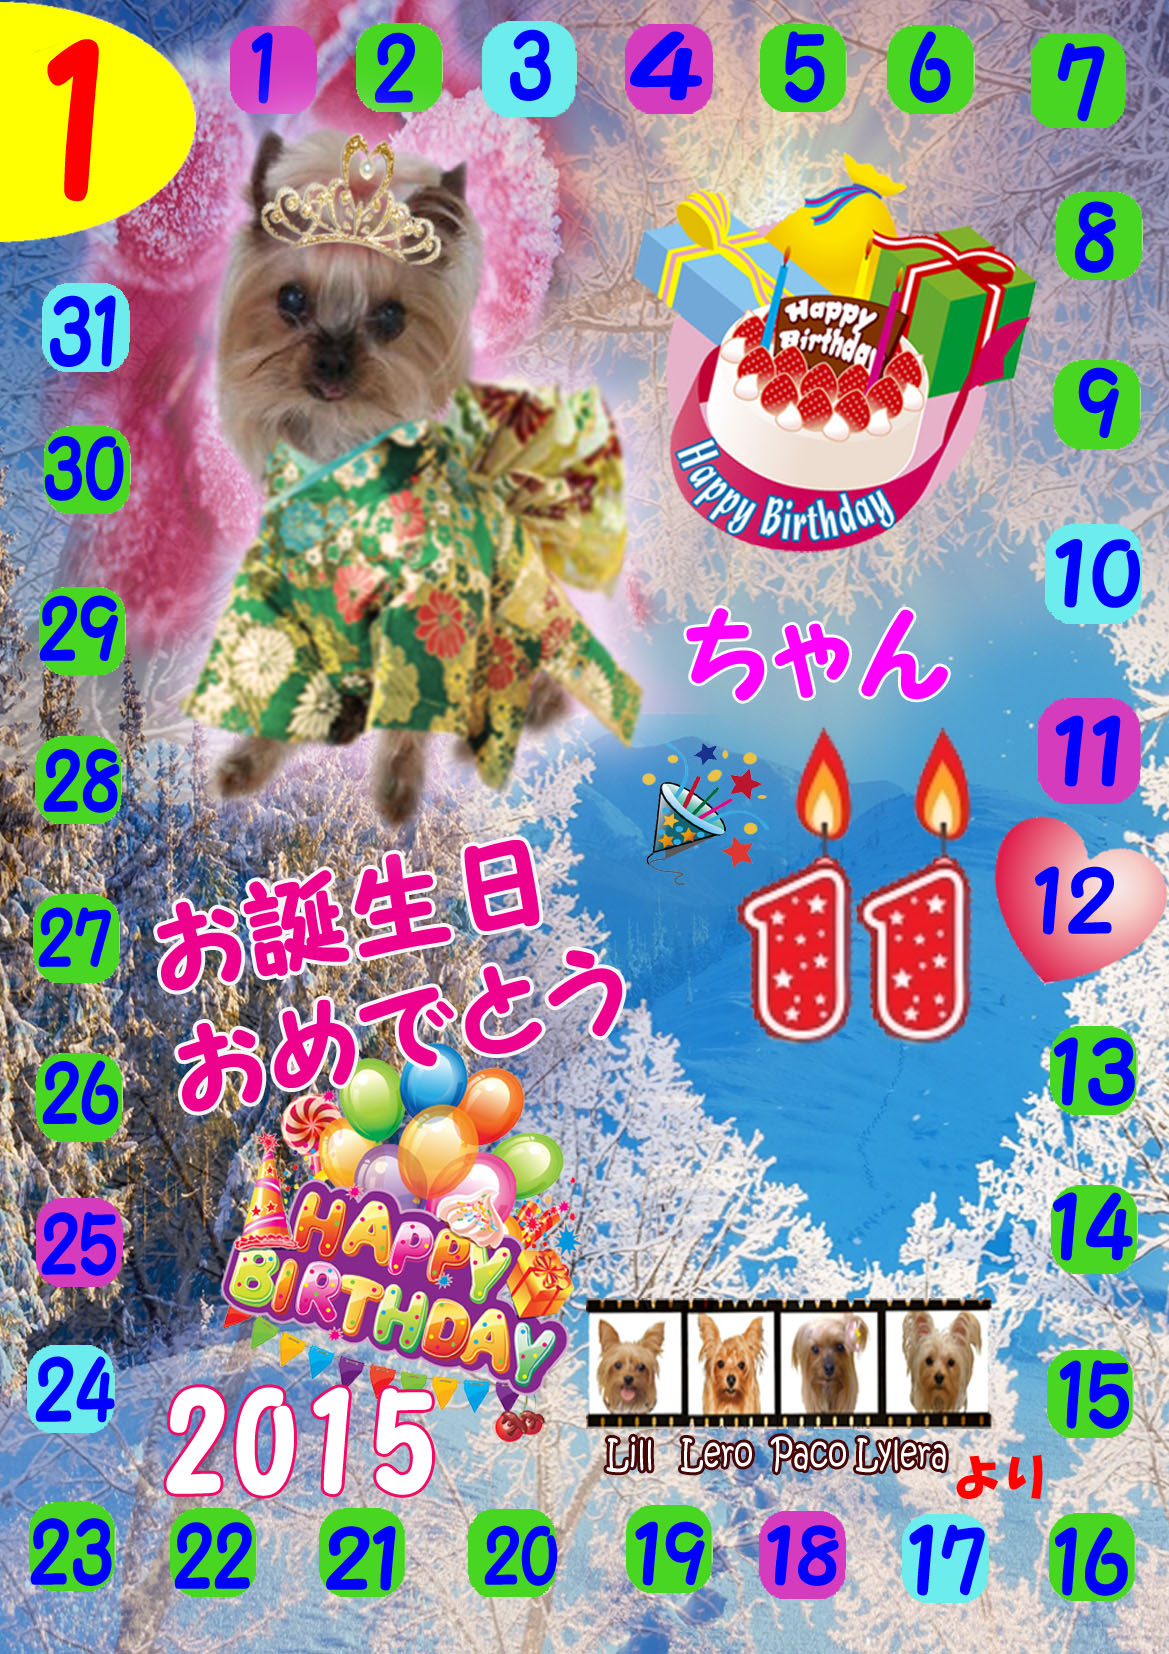 2015-01-12ちこりちゃん(あられママさん)11歳お誕生日カード